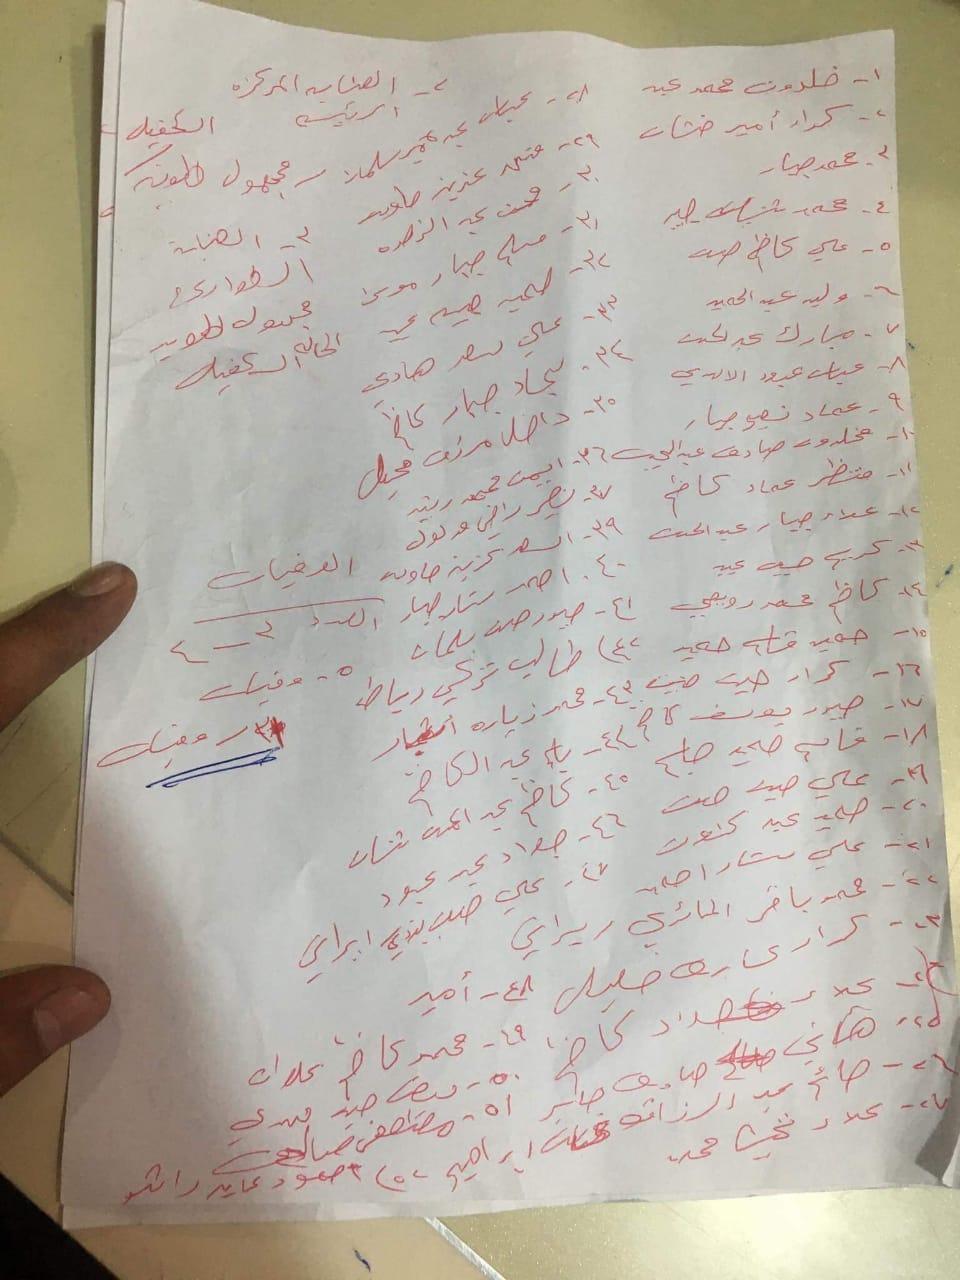 الحصيلة النهائية لضحايا حادثة تدافع الزائرين في كربلاء